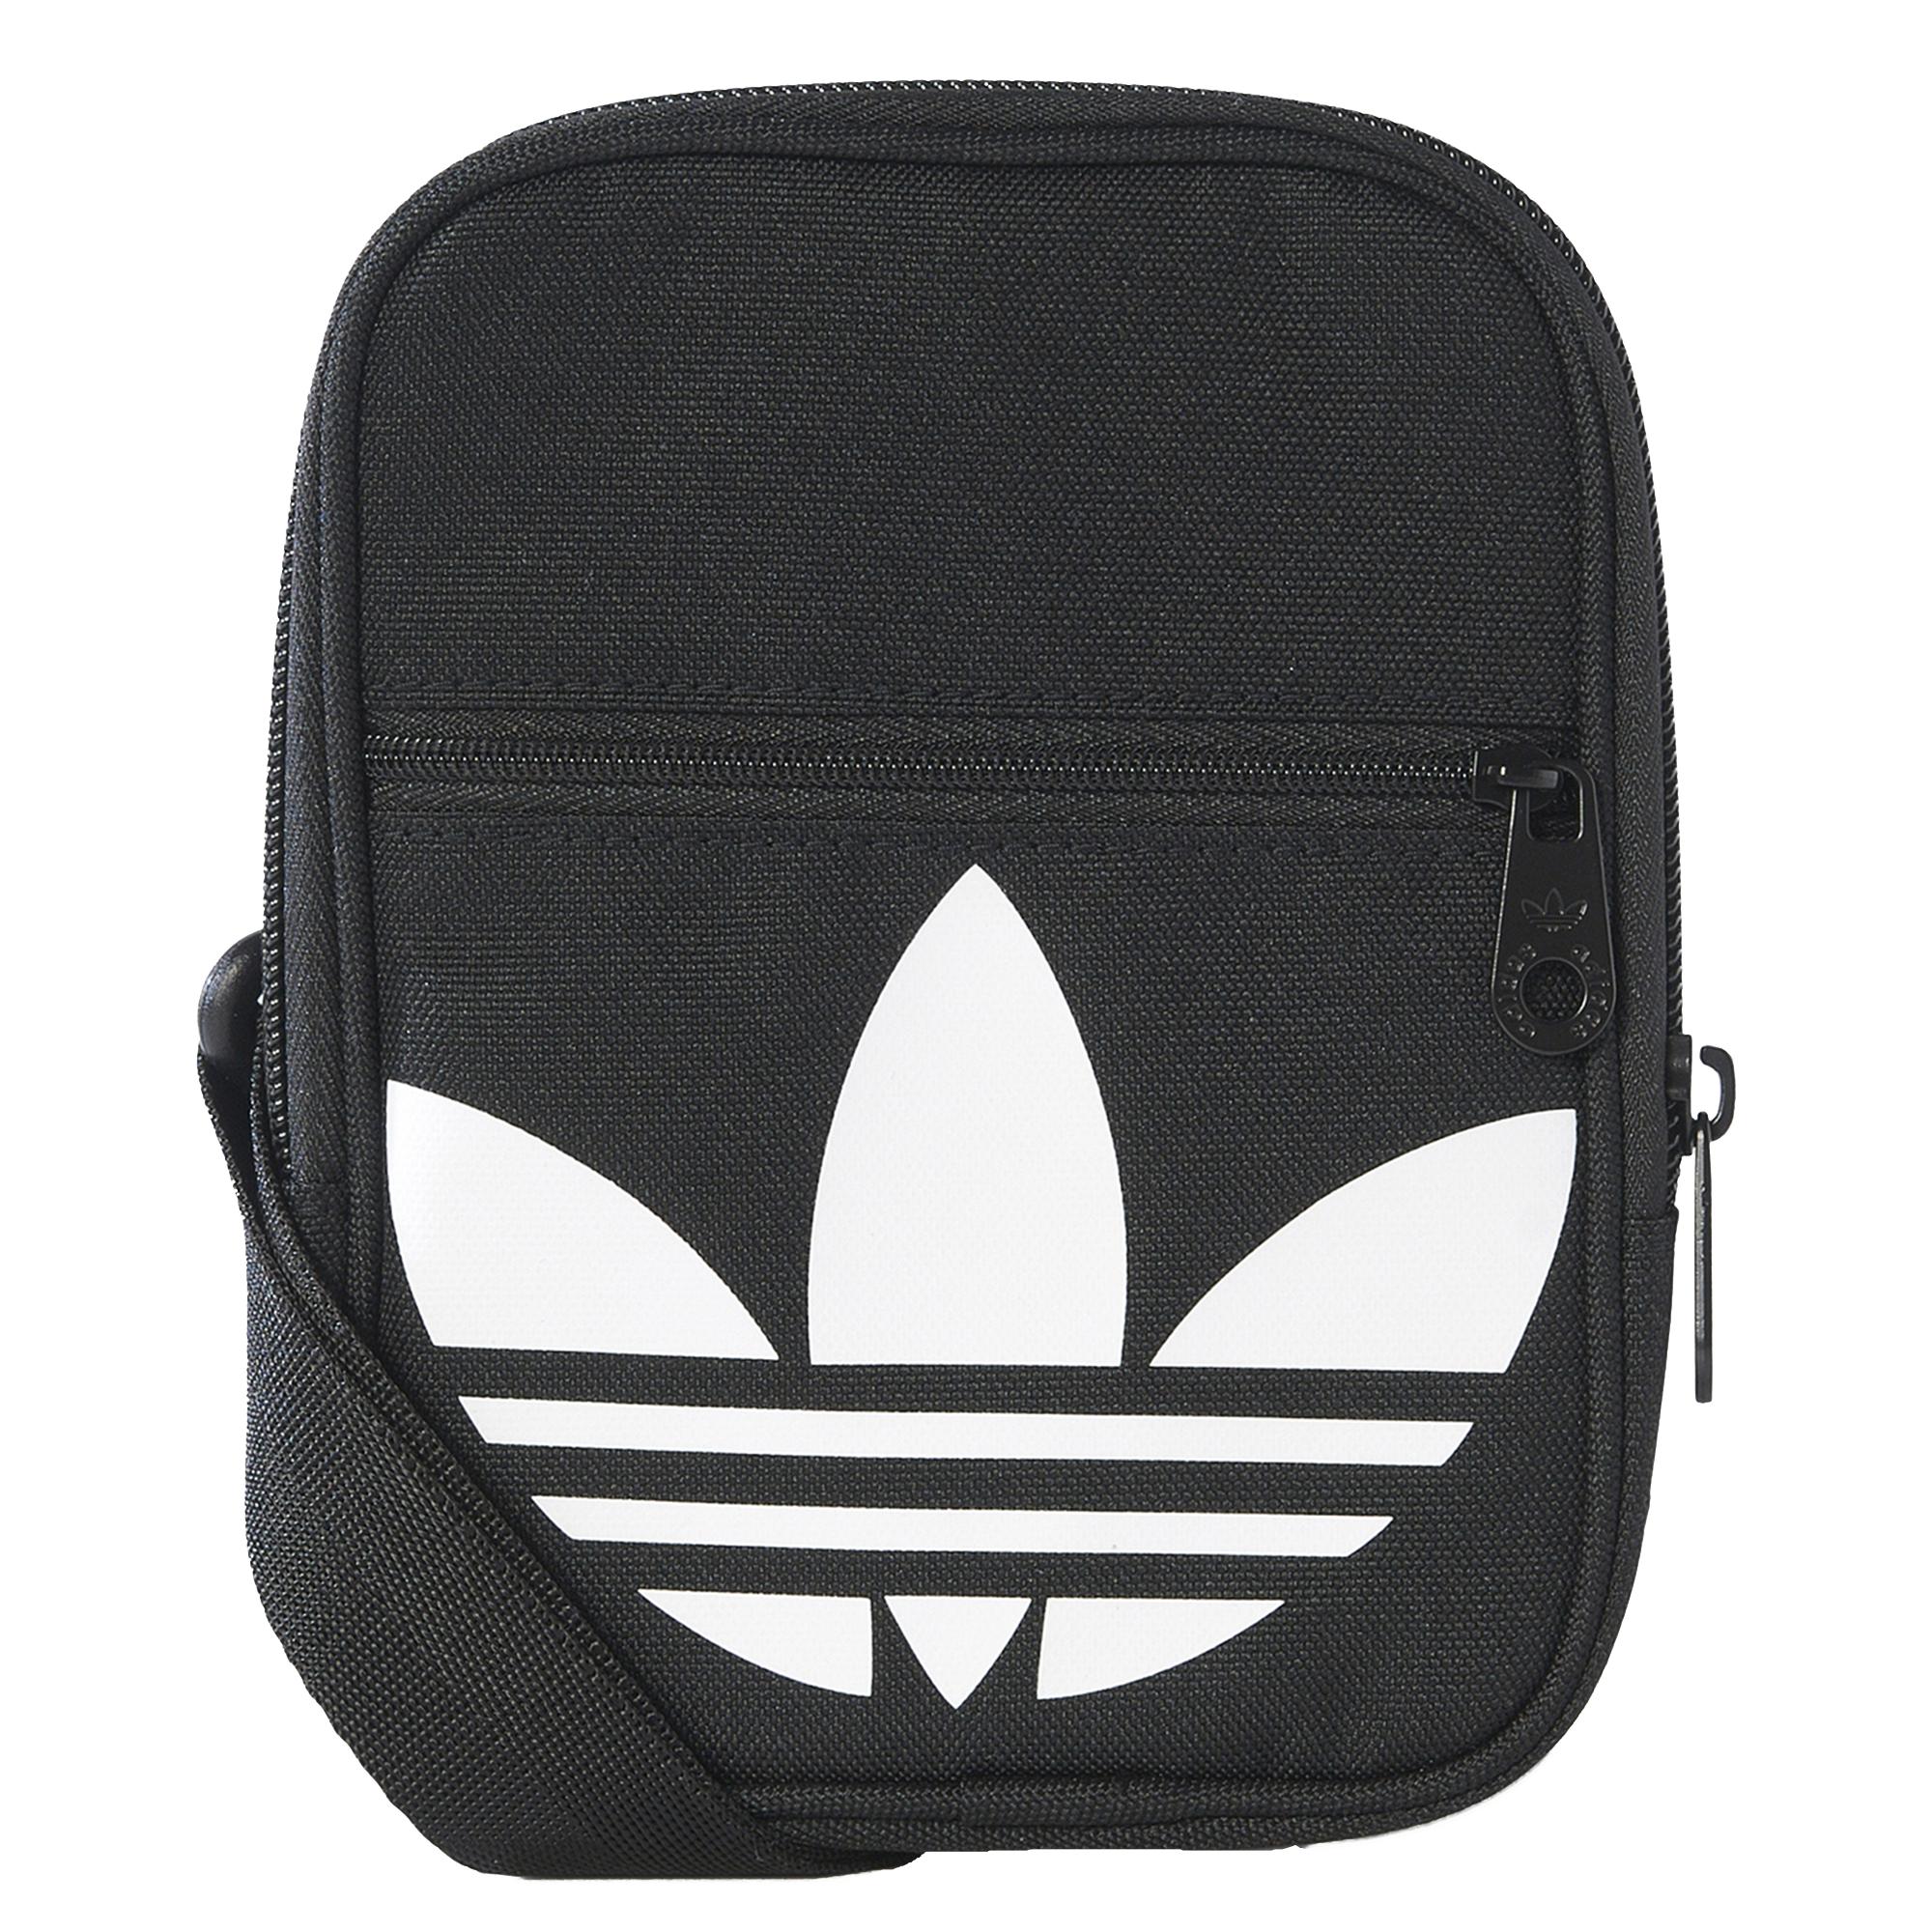 4fe1d1f2b7730 adidas Festival Trefoil Shoulder Bag Çanta #AJ8991 - Barcin.com